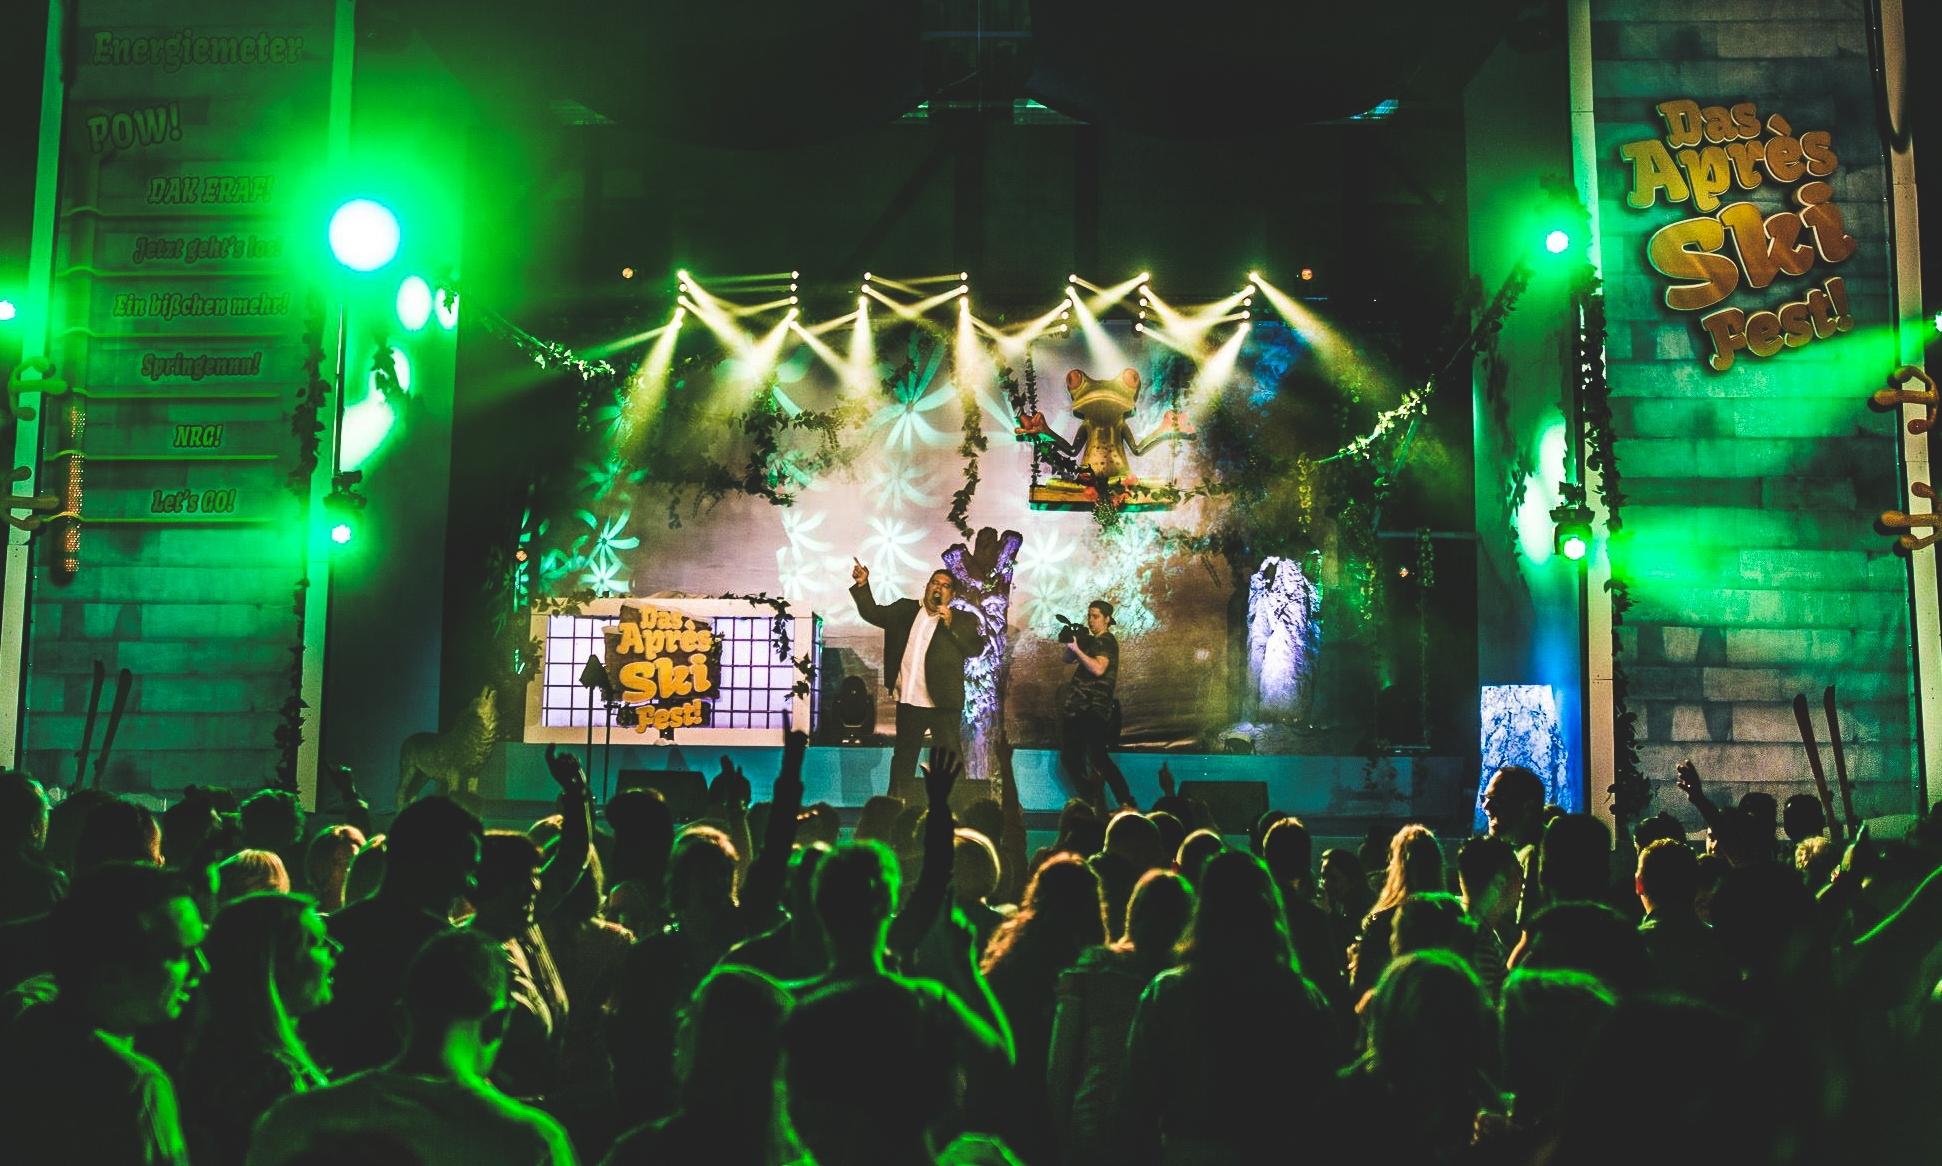 Cross video - Festival-1.jpg